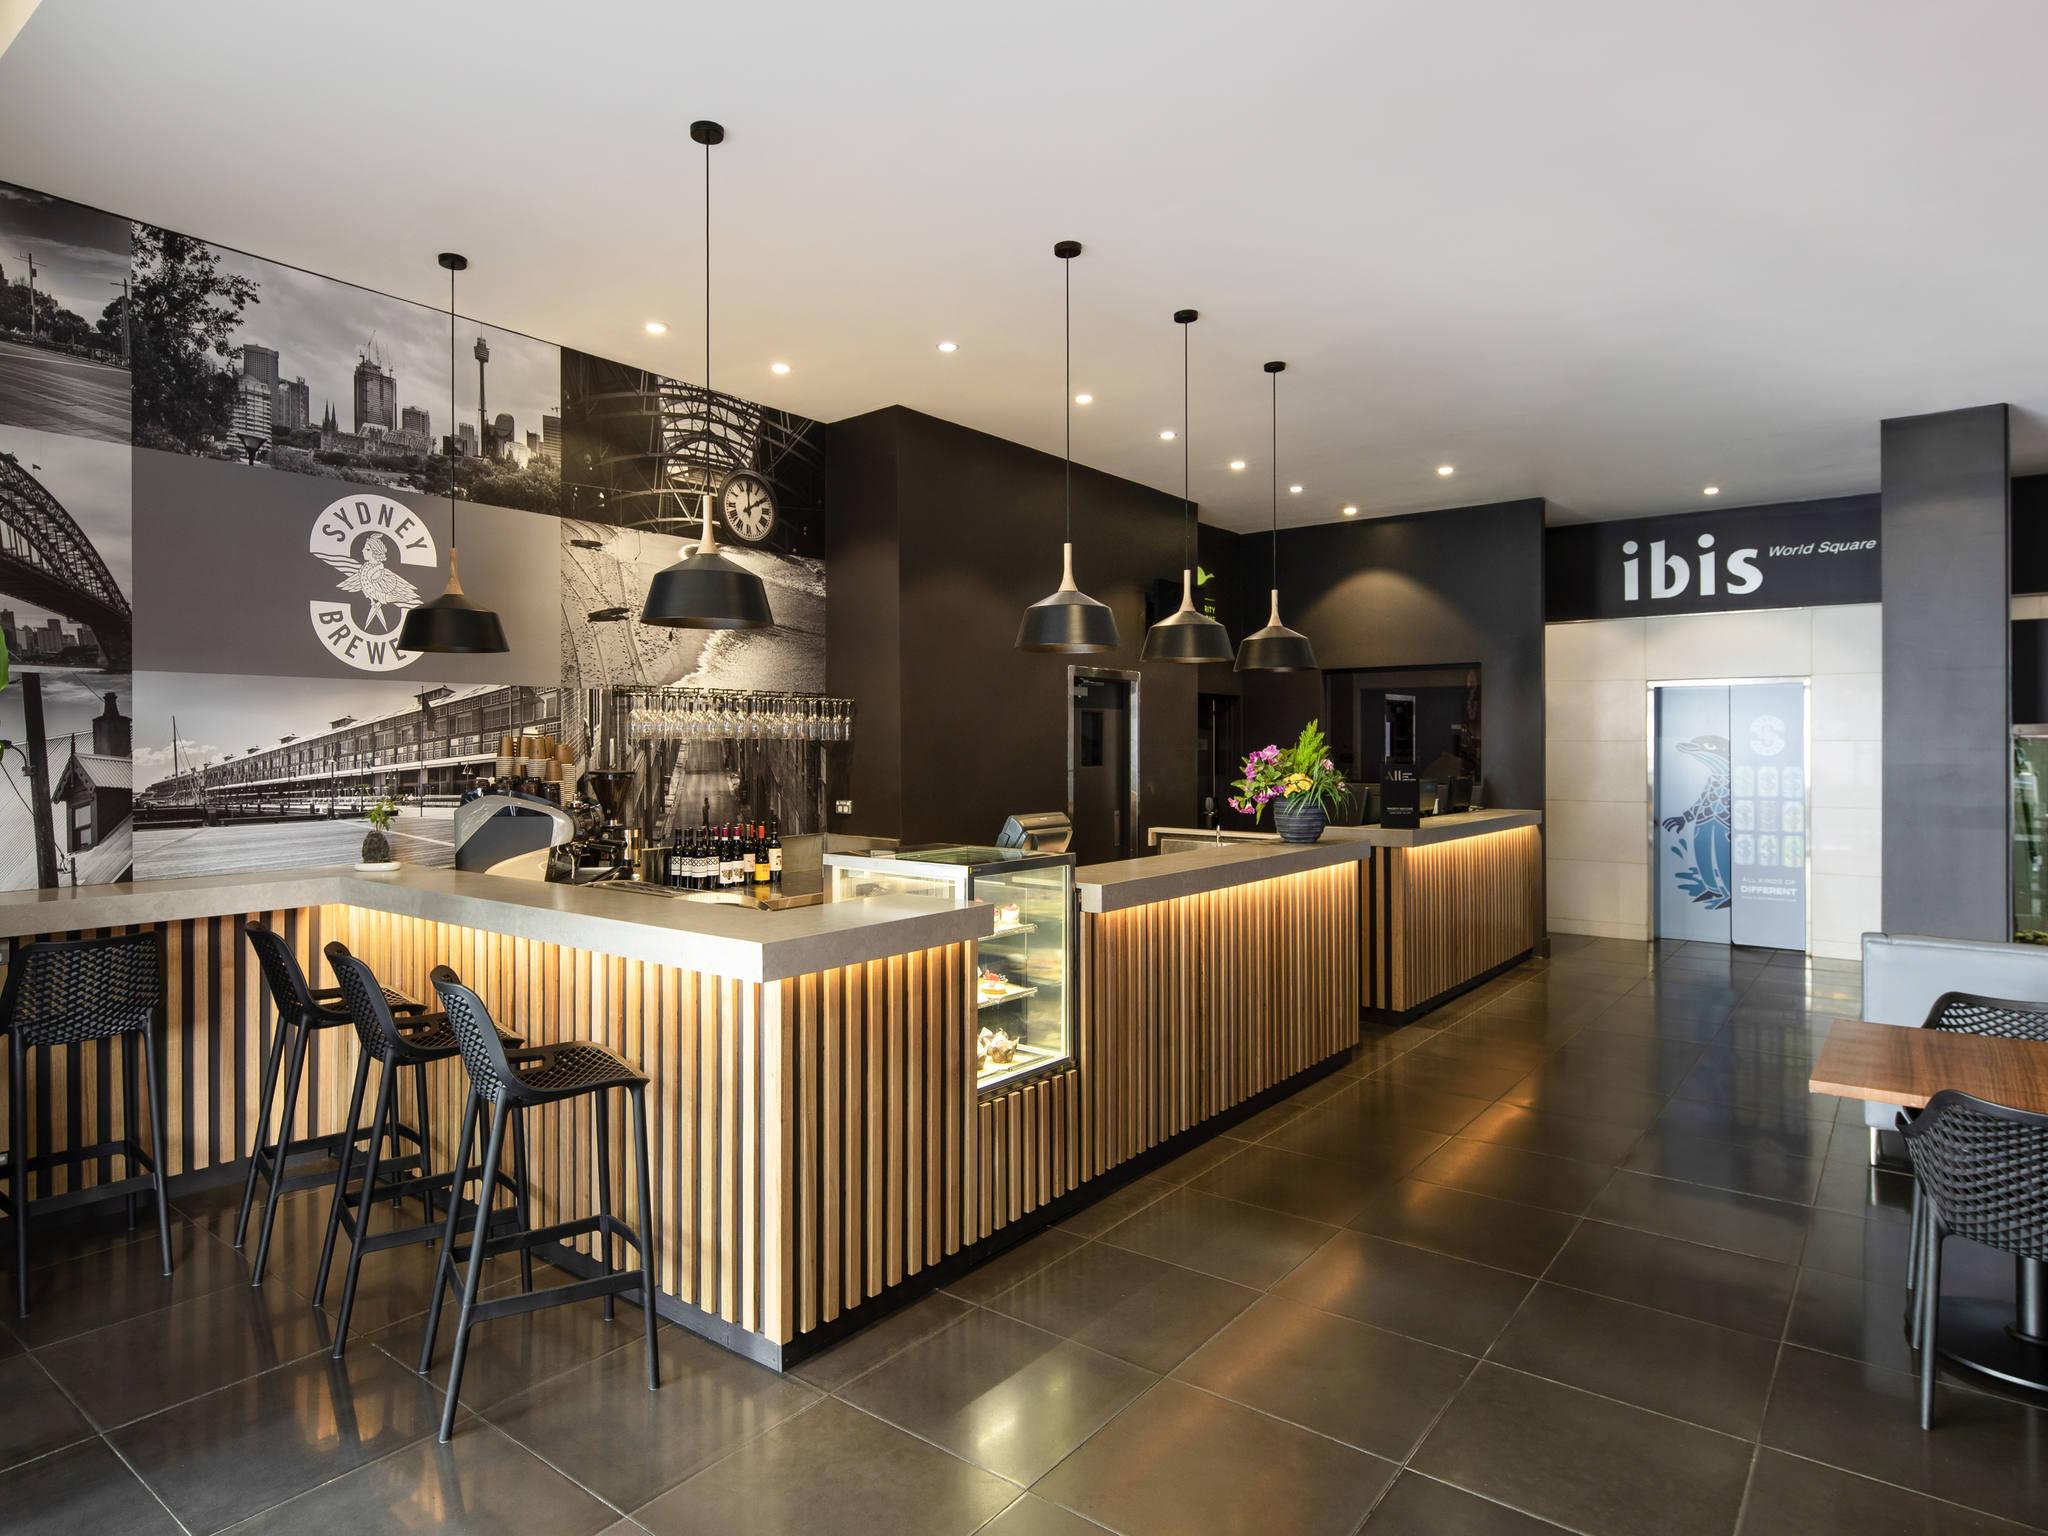 โรงแรม – ไอบิส ซิดนีย์ เวิลด์ สแควร์